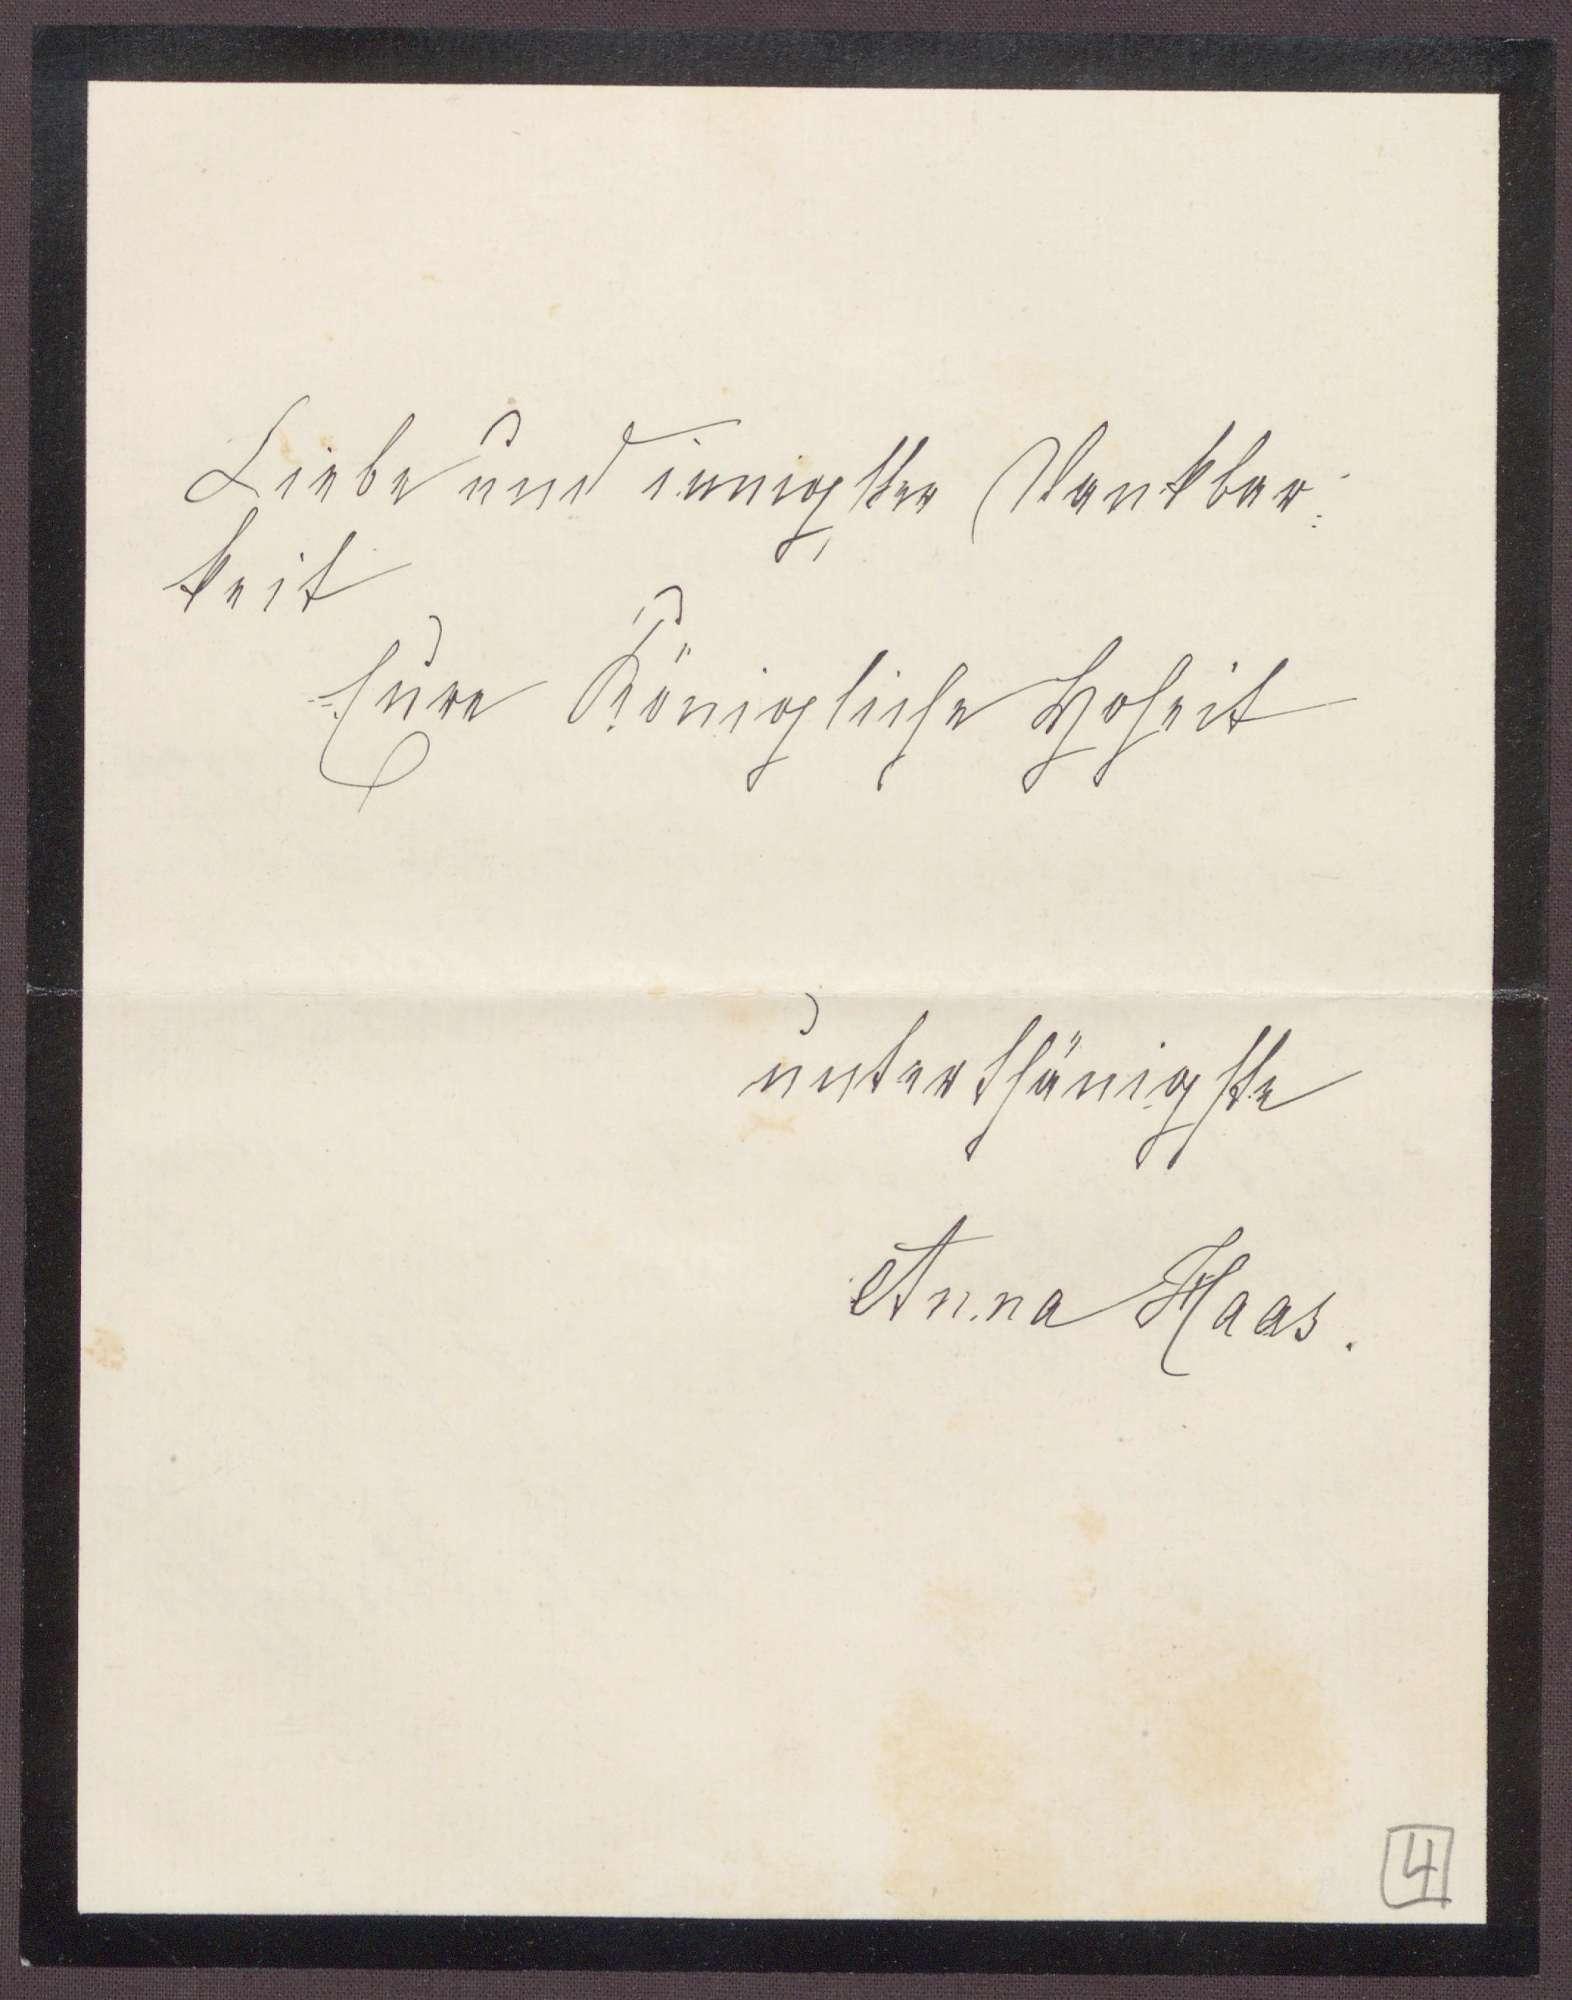 Schreiben von Anna Haas an die Großherzogin Luise; Dank für die aufmunternden Worte zum Todestag des Ehemannes, Bild 3